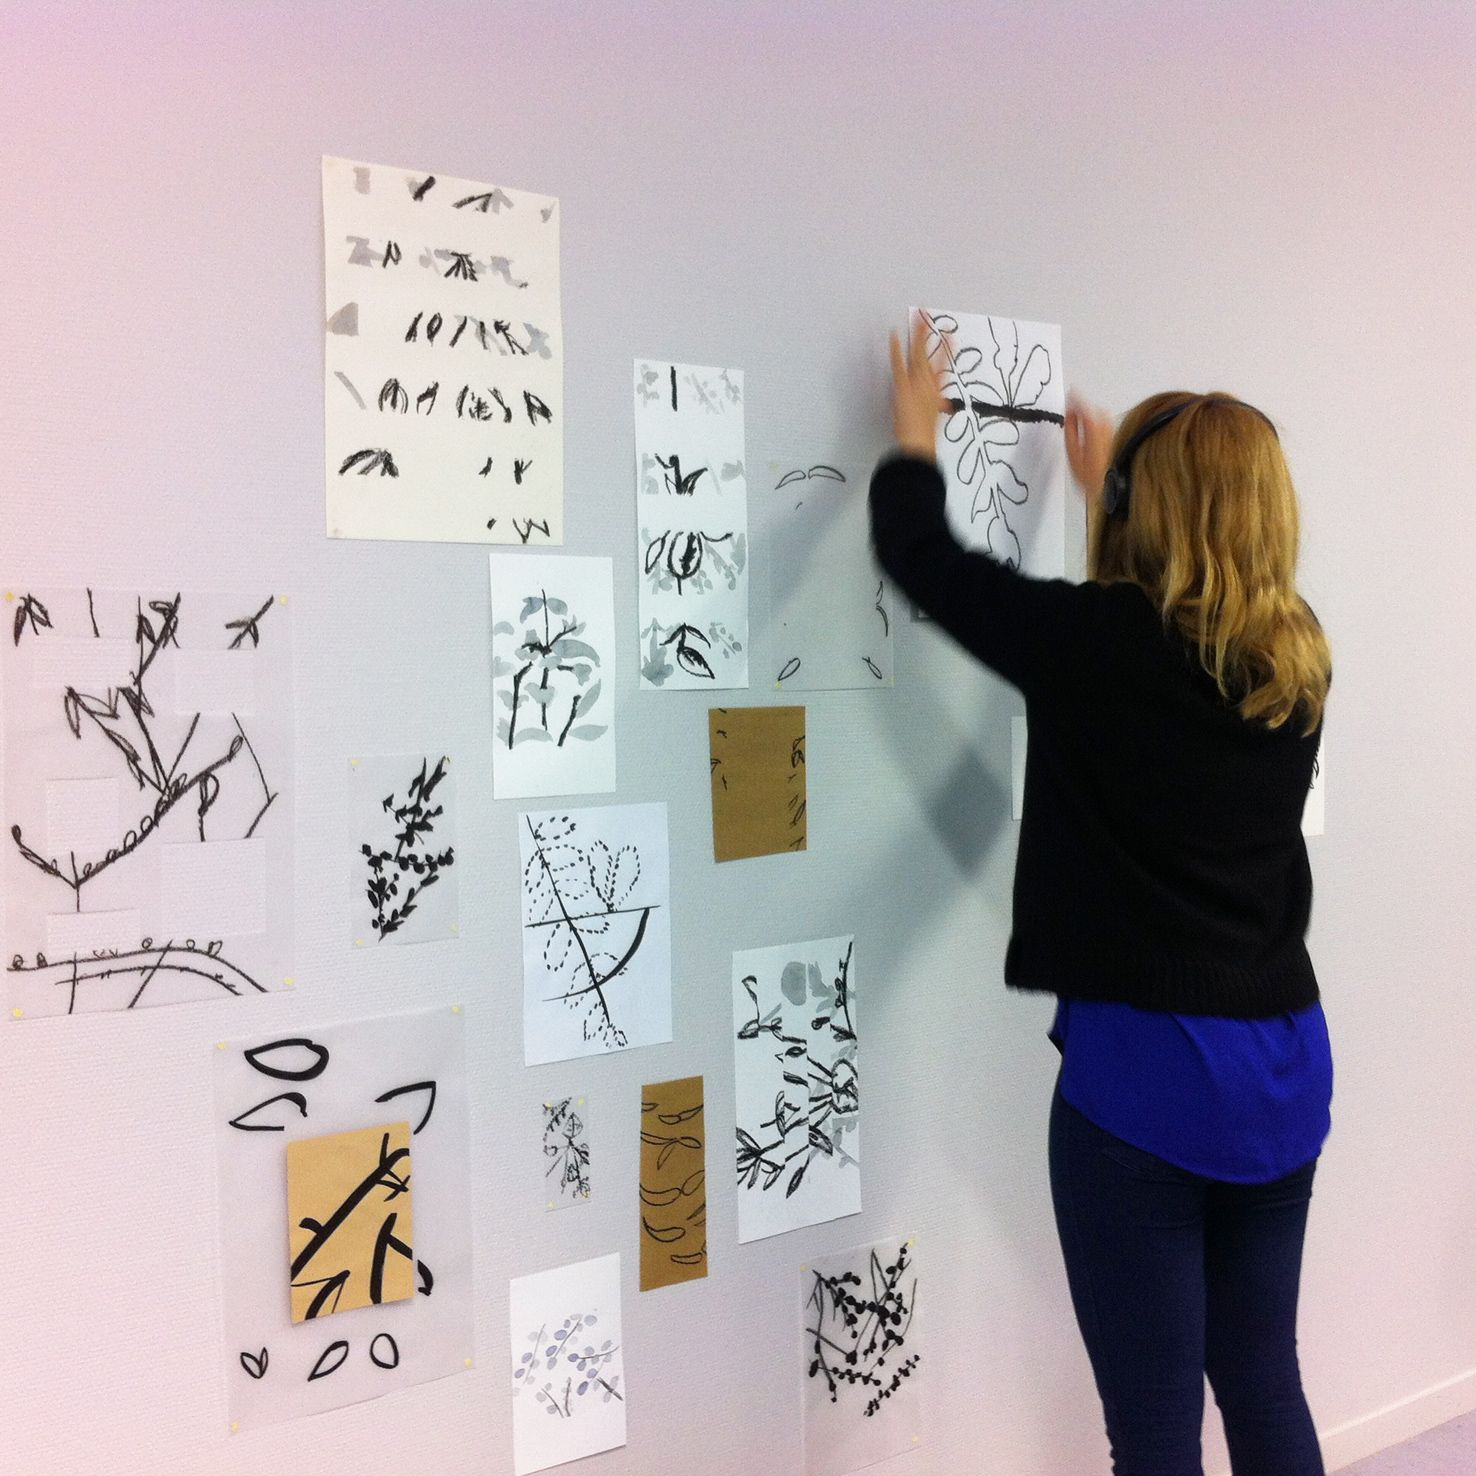 Cours De Dessin En Bts Design Graphique Lycee E Branly Bts